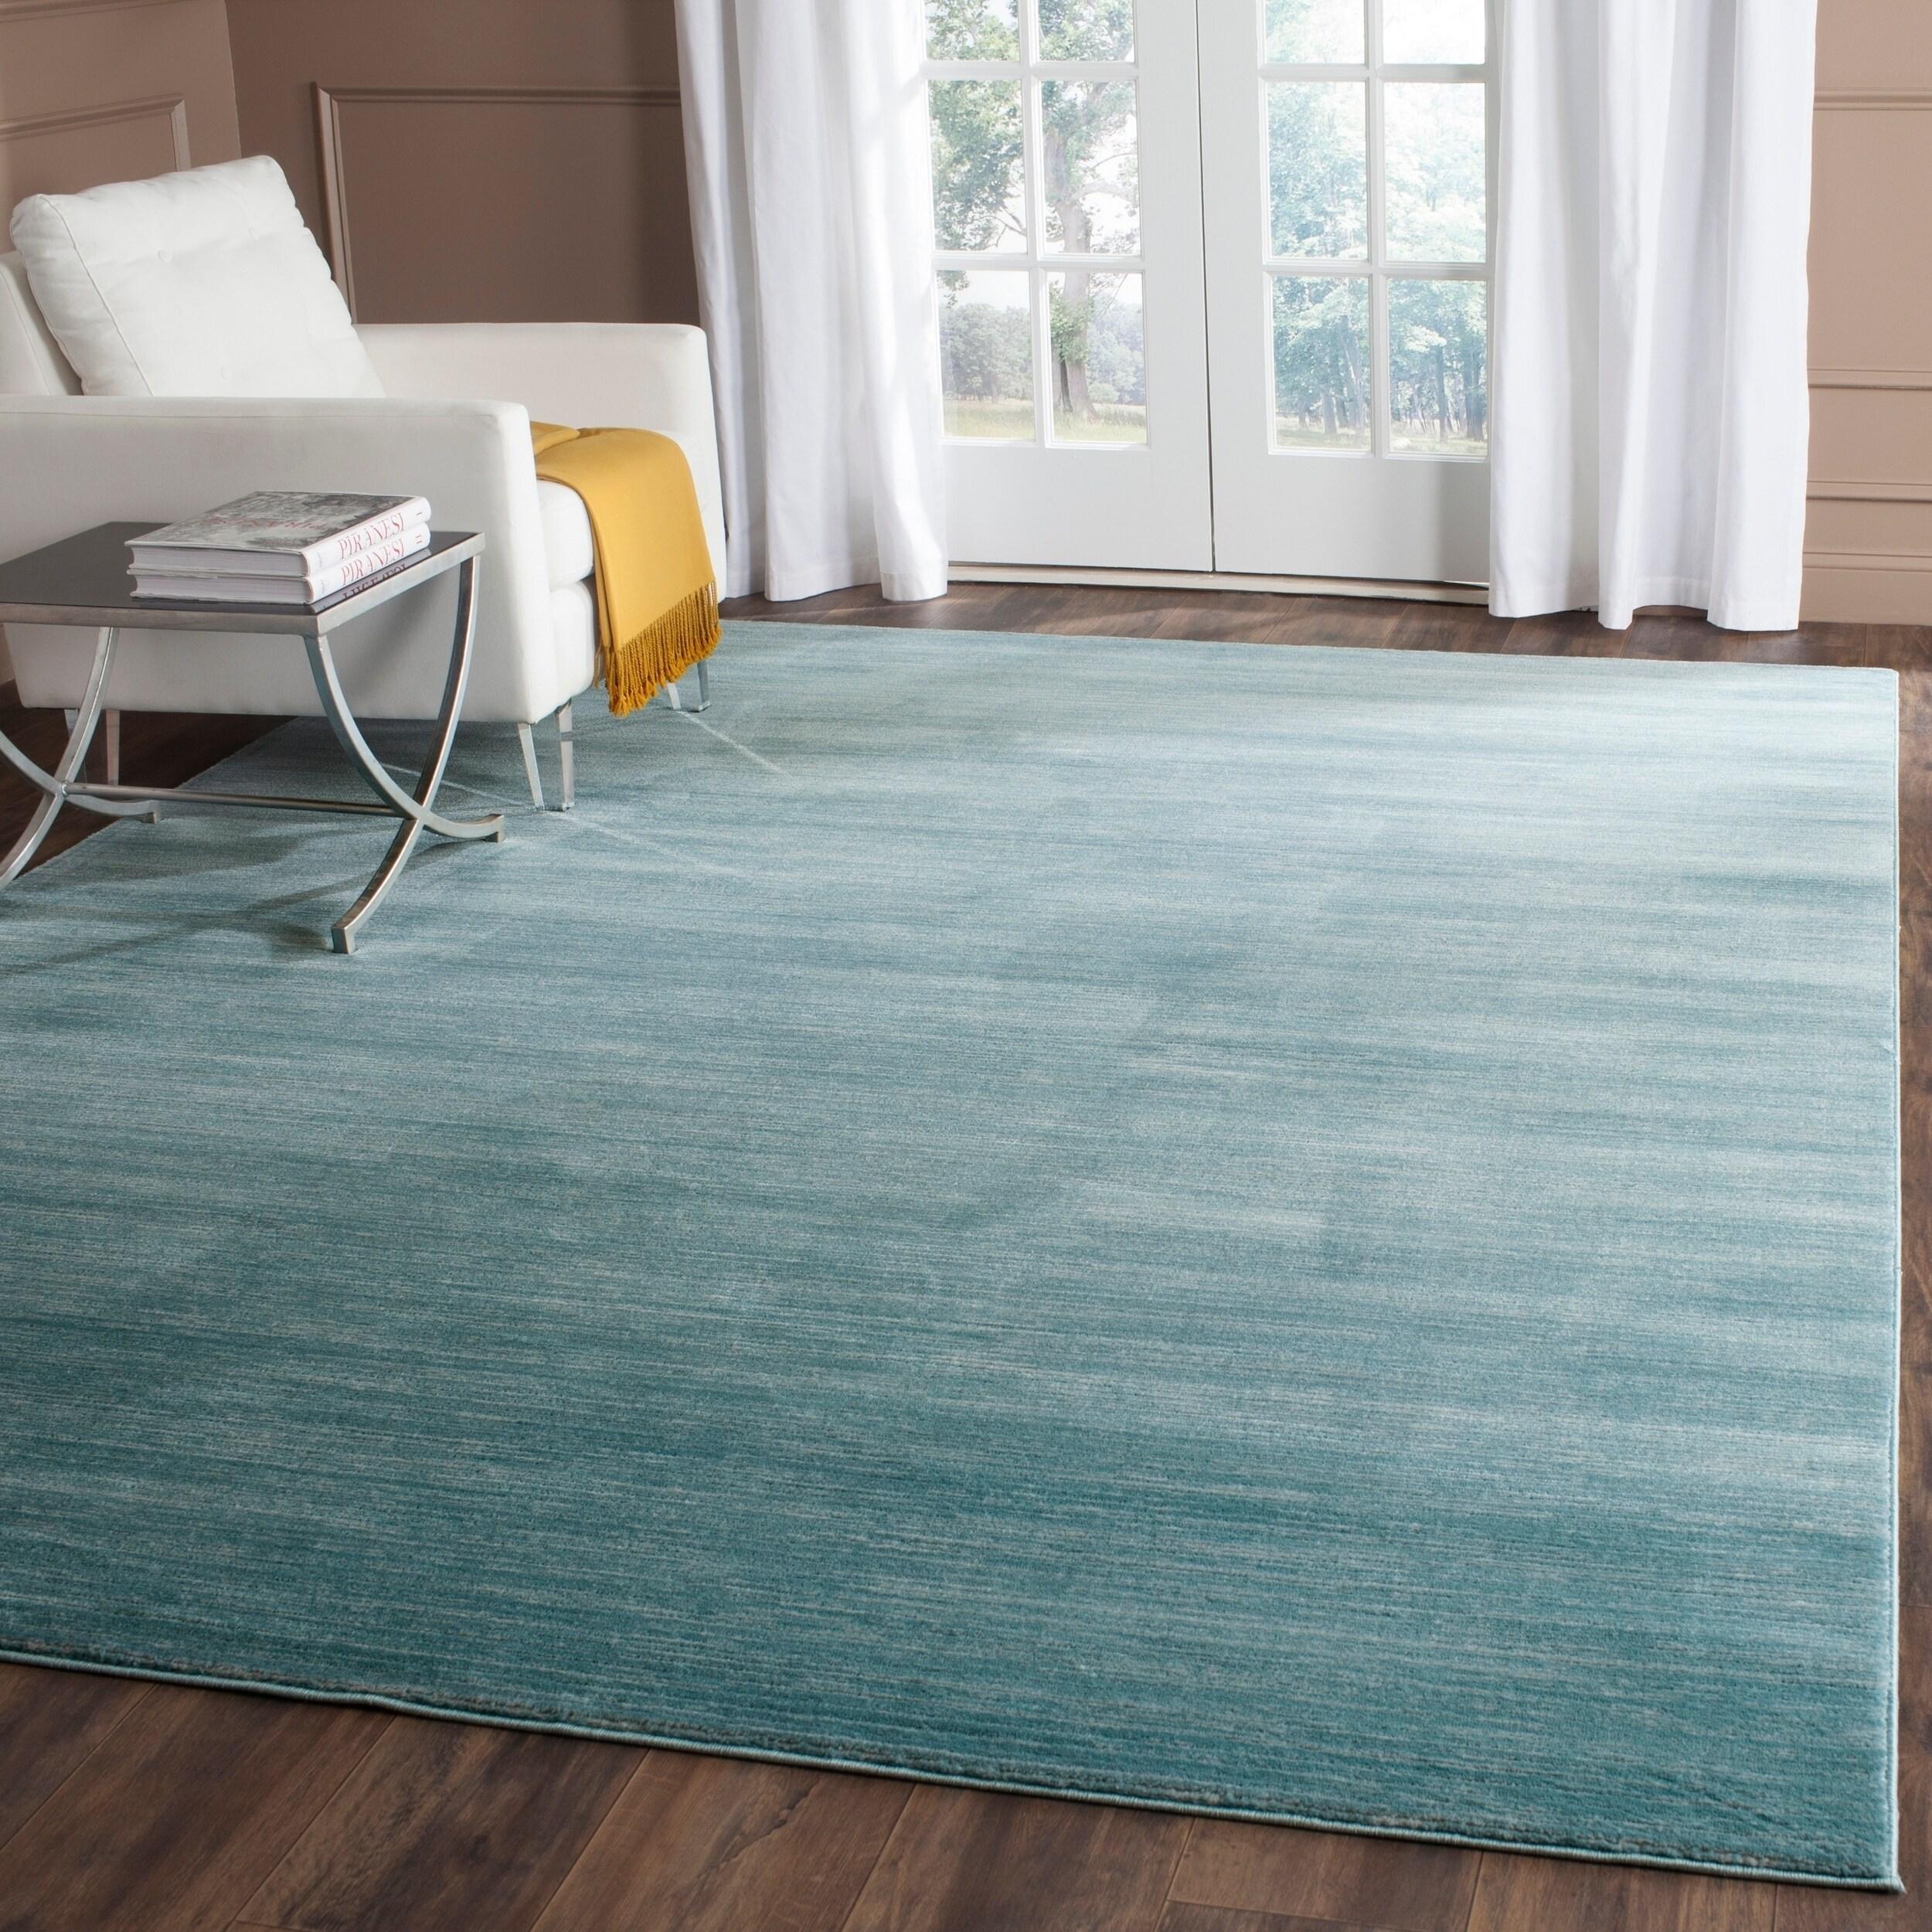 Shop Safavieh Vision Contemporary Tonal Aqua Blue Area Rug - 9\' x 12 ...